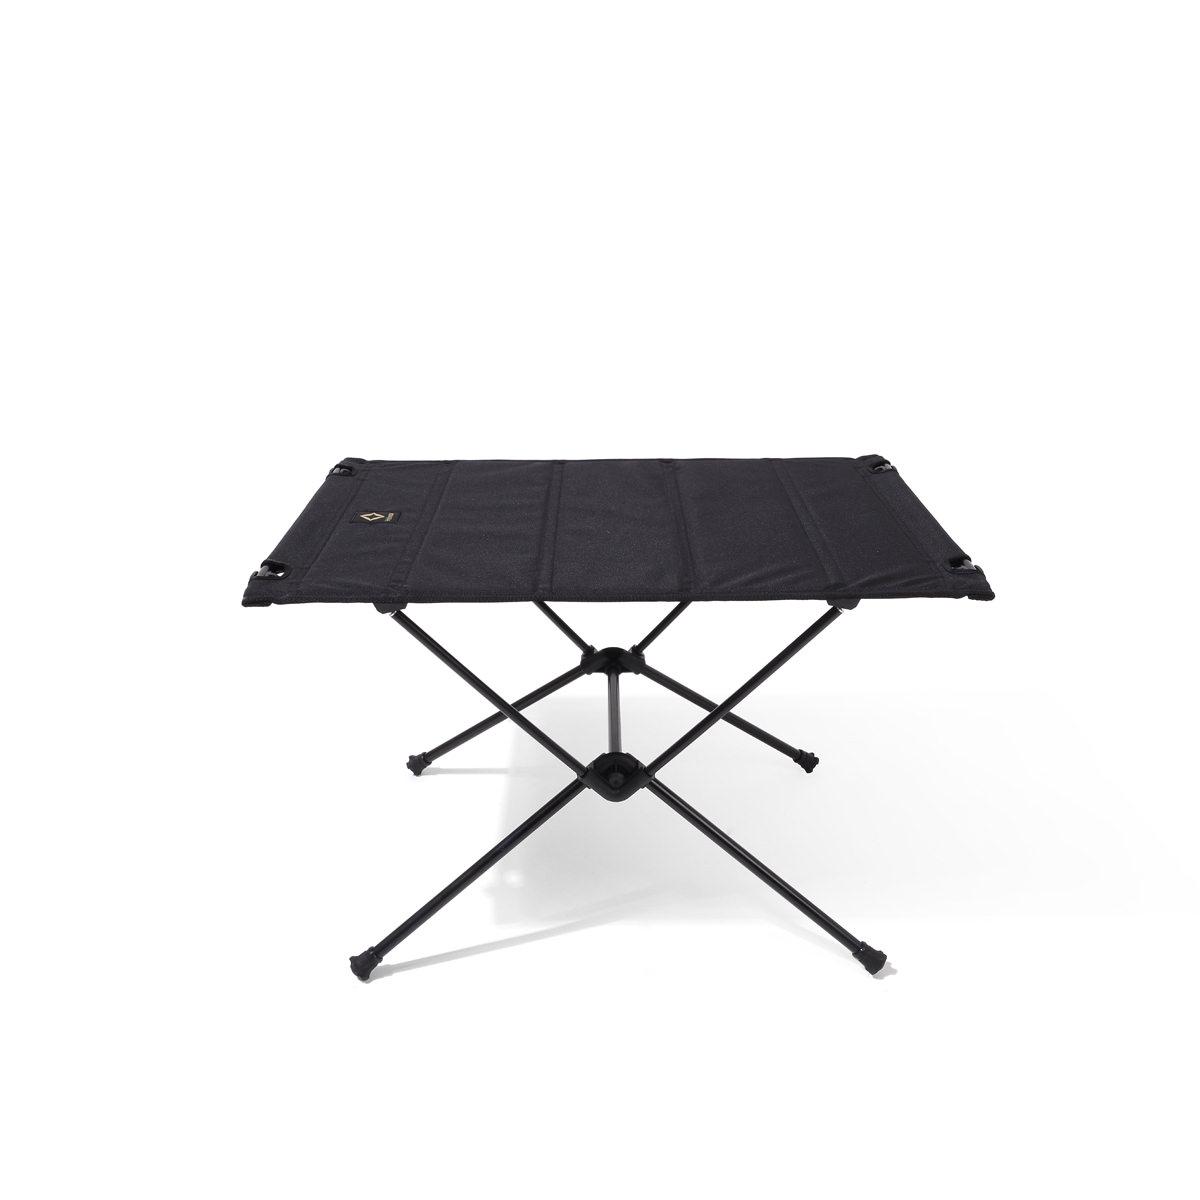 Helinox(ヘリノックス)/タクティカル テーブル M / ブラック